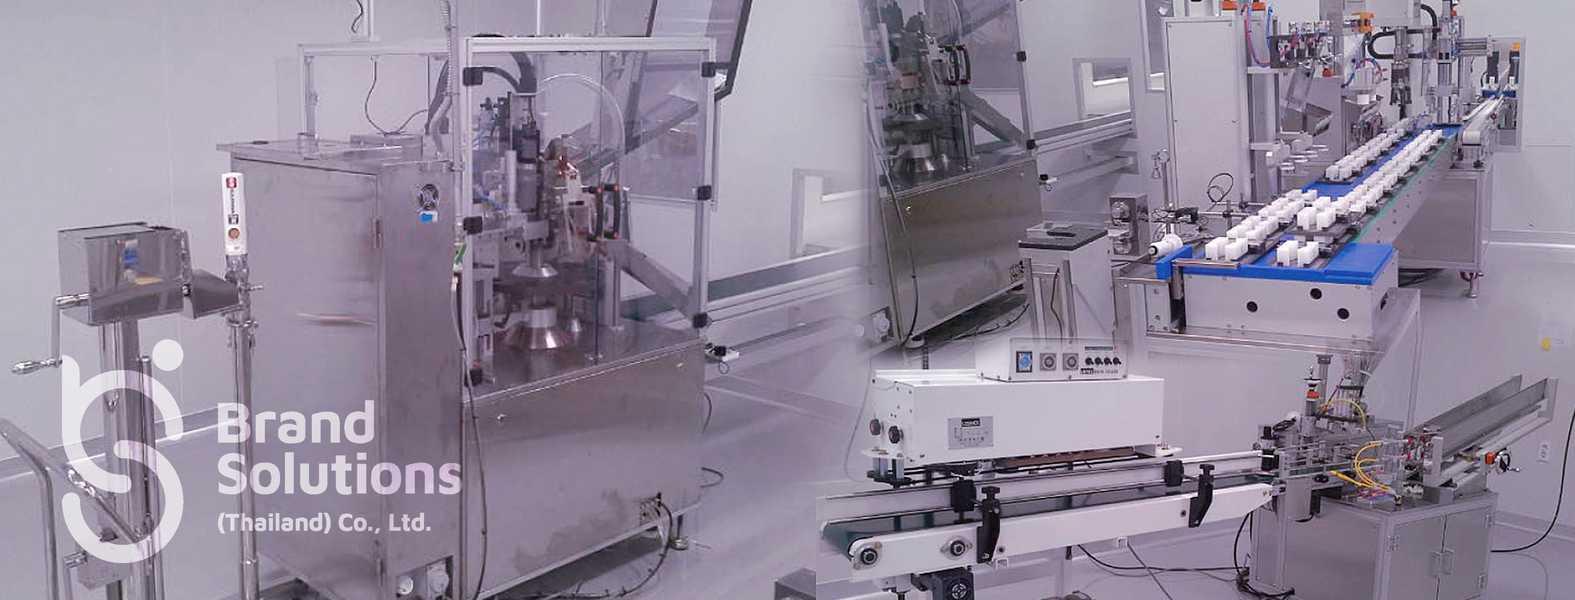 รับผลิตเครื่องอาง และ อาหารเสริม โรงงานผลิตอาหารเสริม โรงงานผลิตครีม บริษัทรับผลิตครีม รับผลิตเครื่องสำอาง รับสร้างแบรนด์ครีม